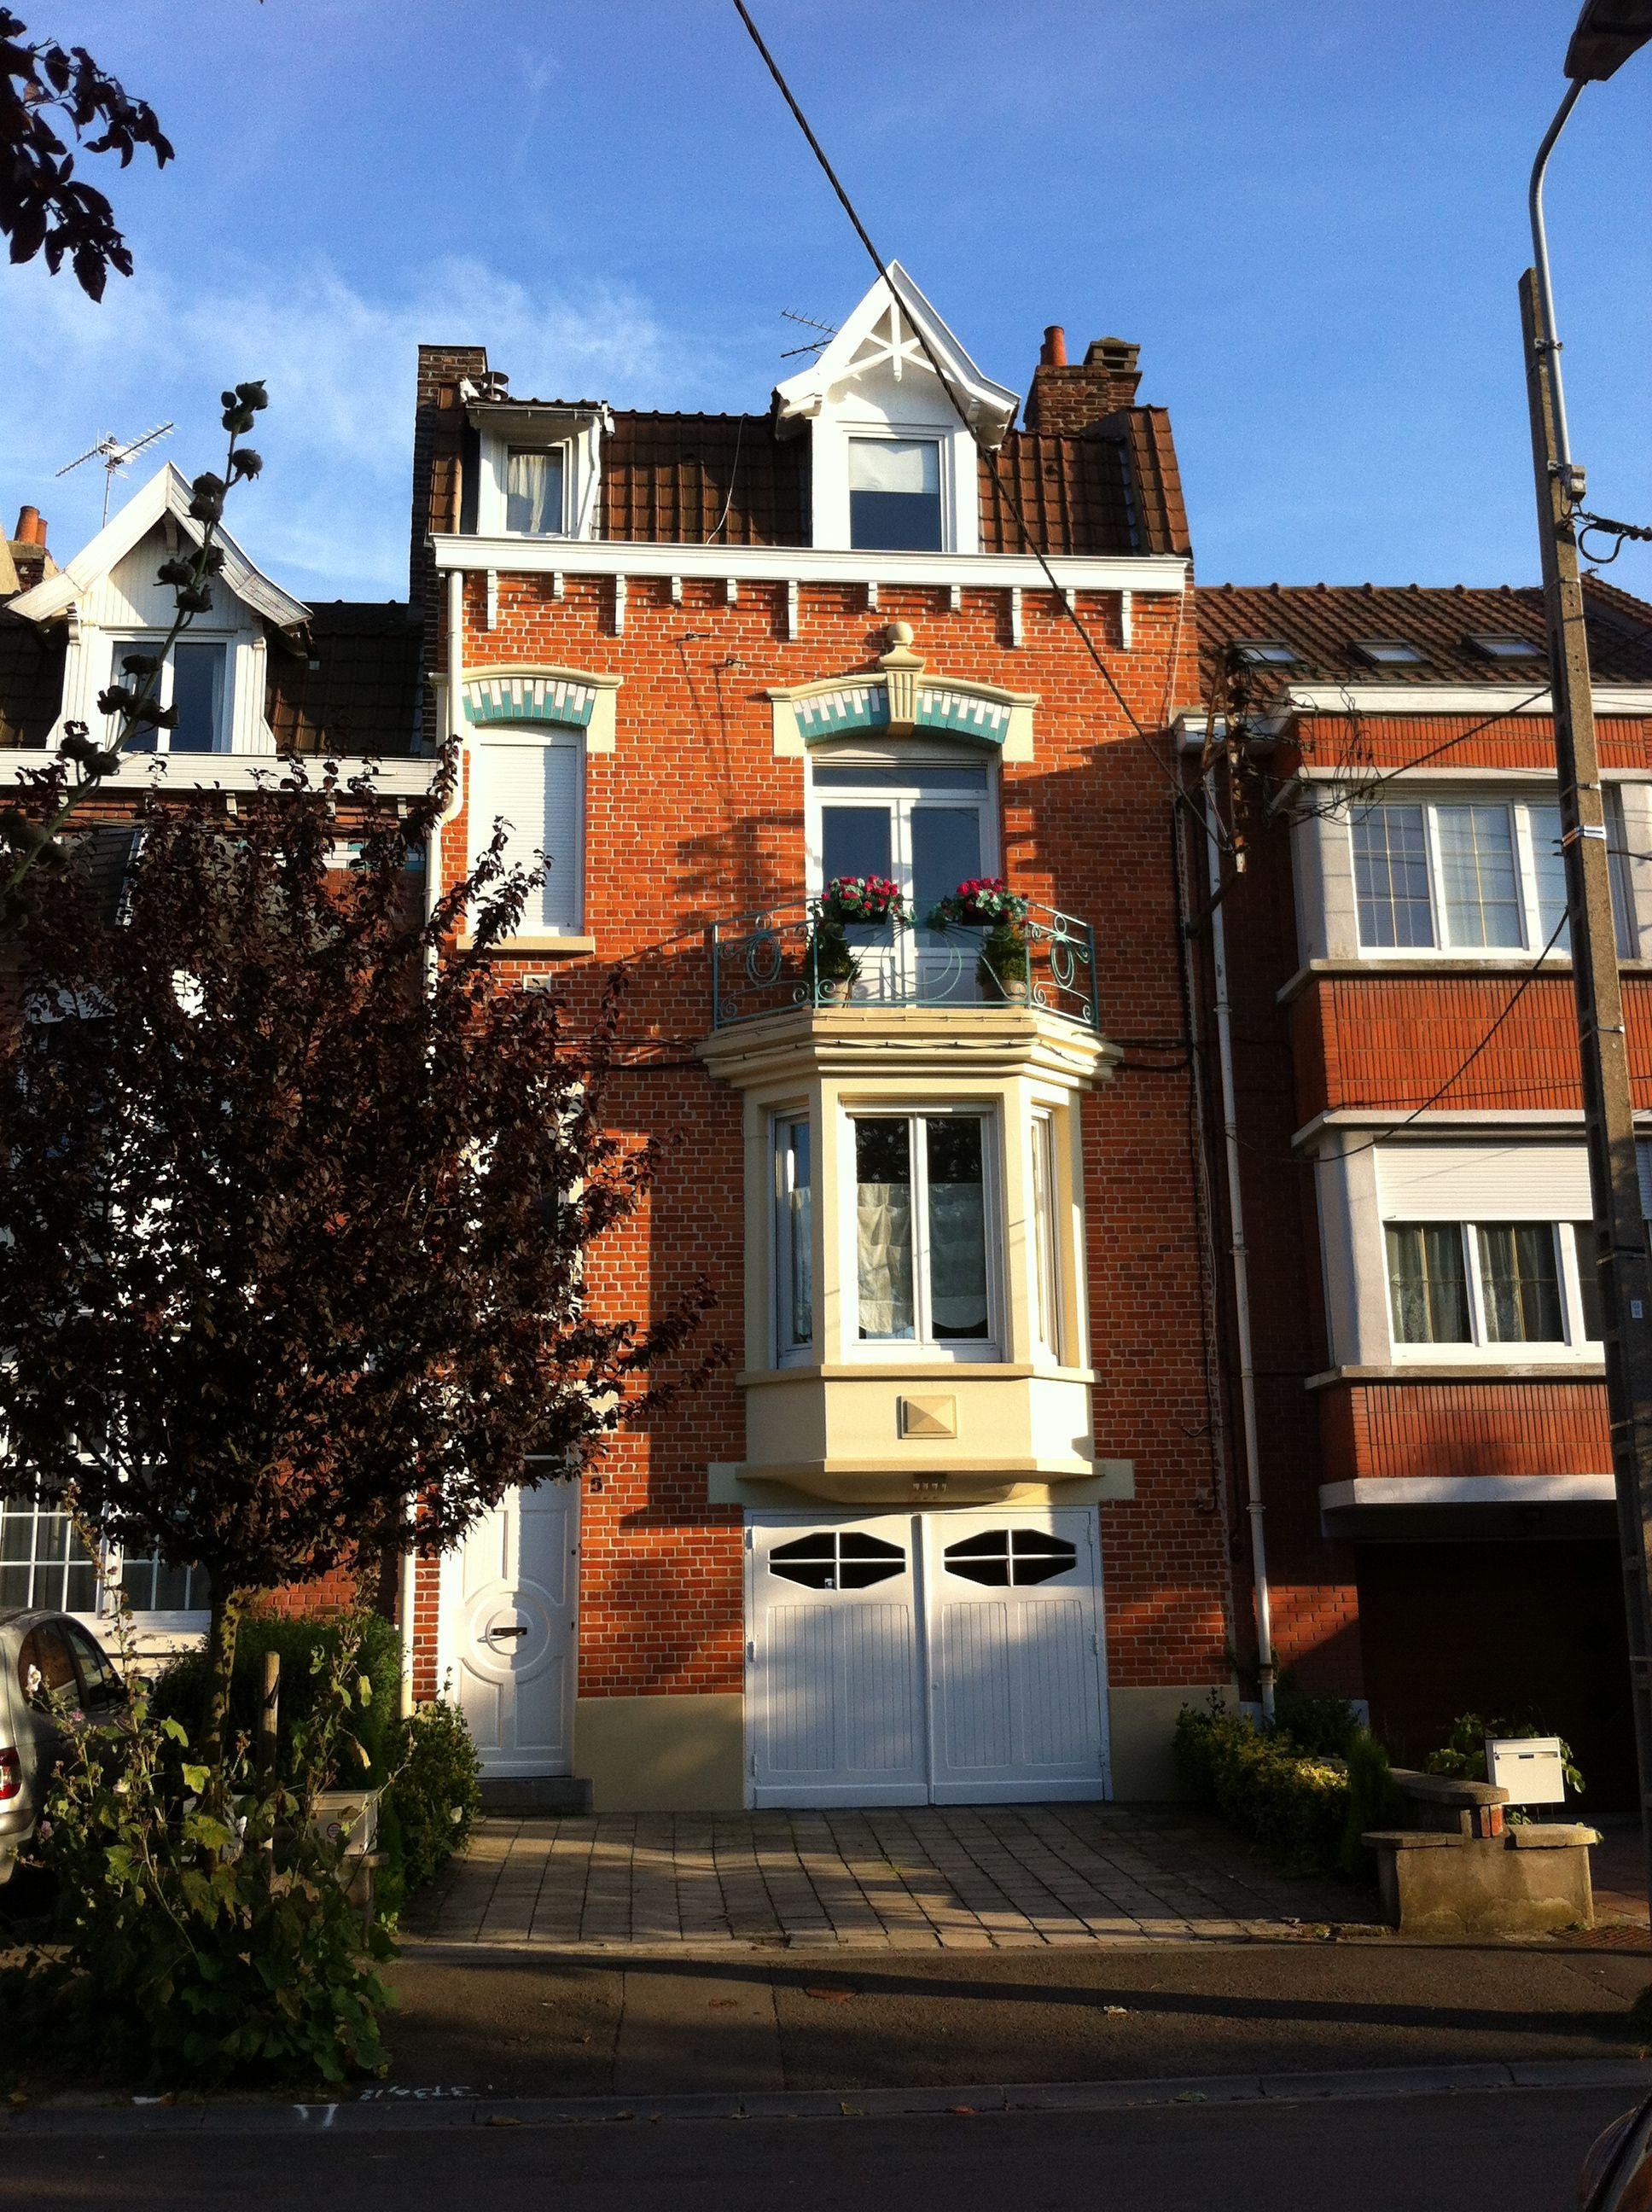 Jolie maison de brique - Lille FR | Idées pour la maison | Pinterest